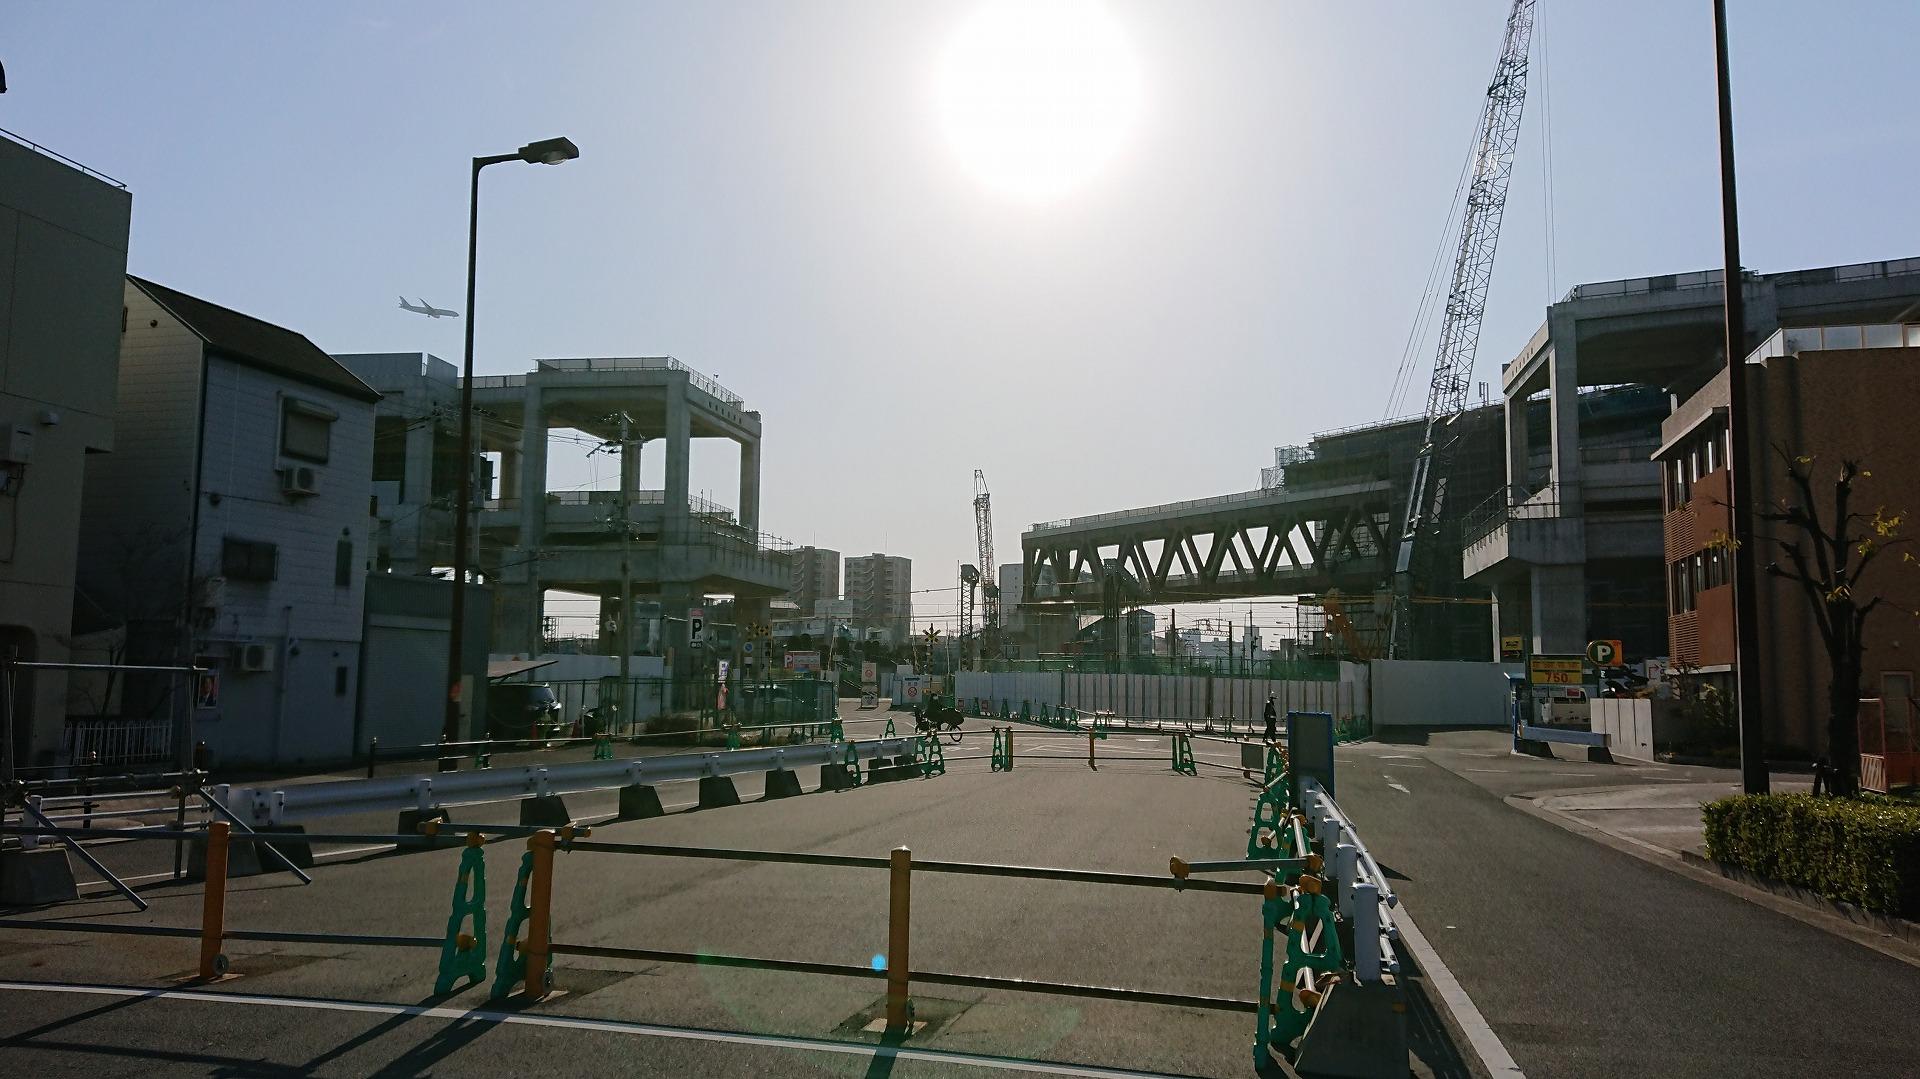 淡路駅のシェアオフィス・レンタルオフィス淡路駅前ラボ近くの都市計画道路歌島豊里線